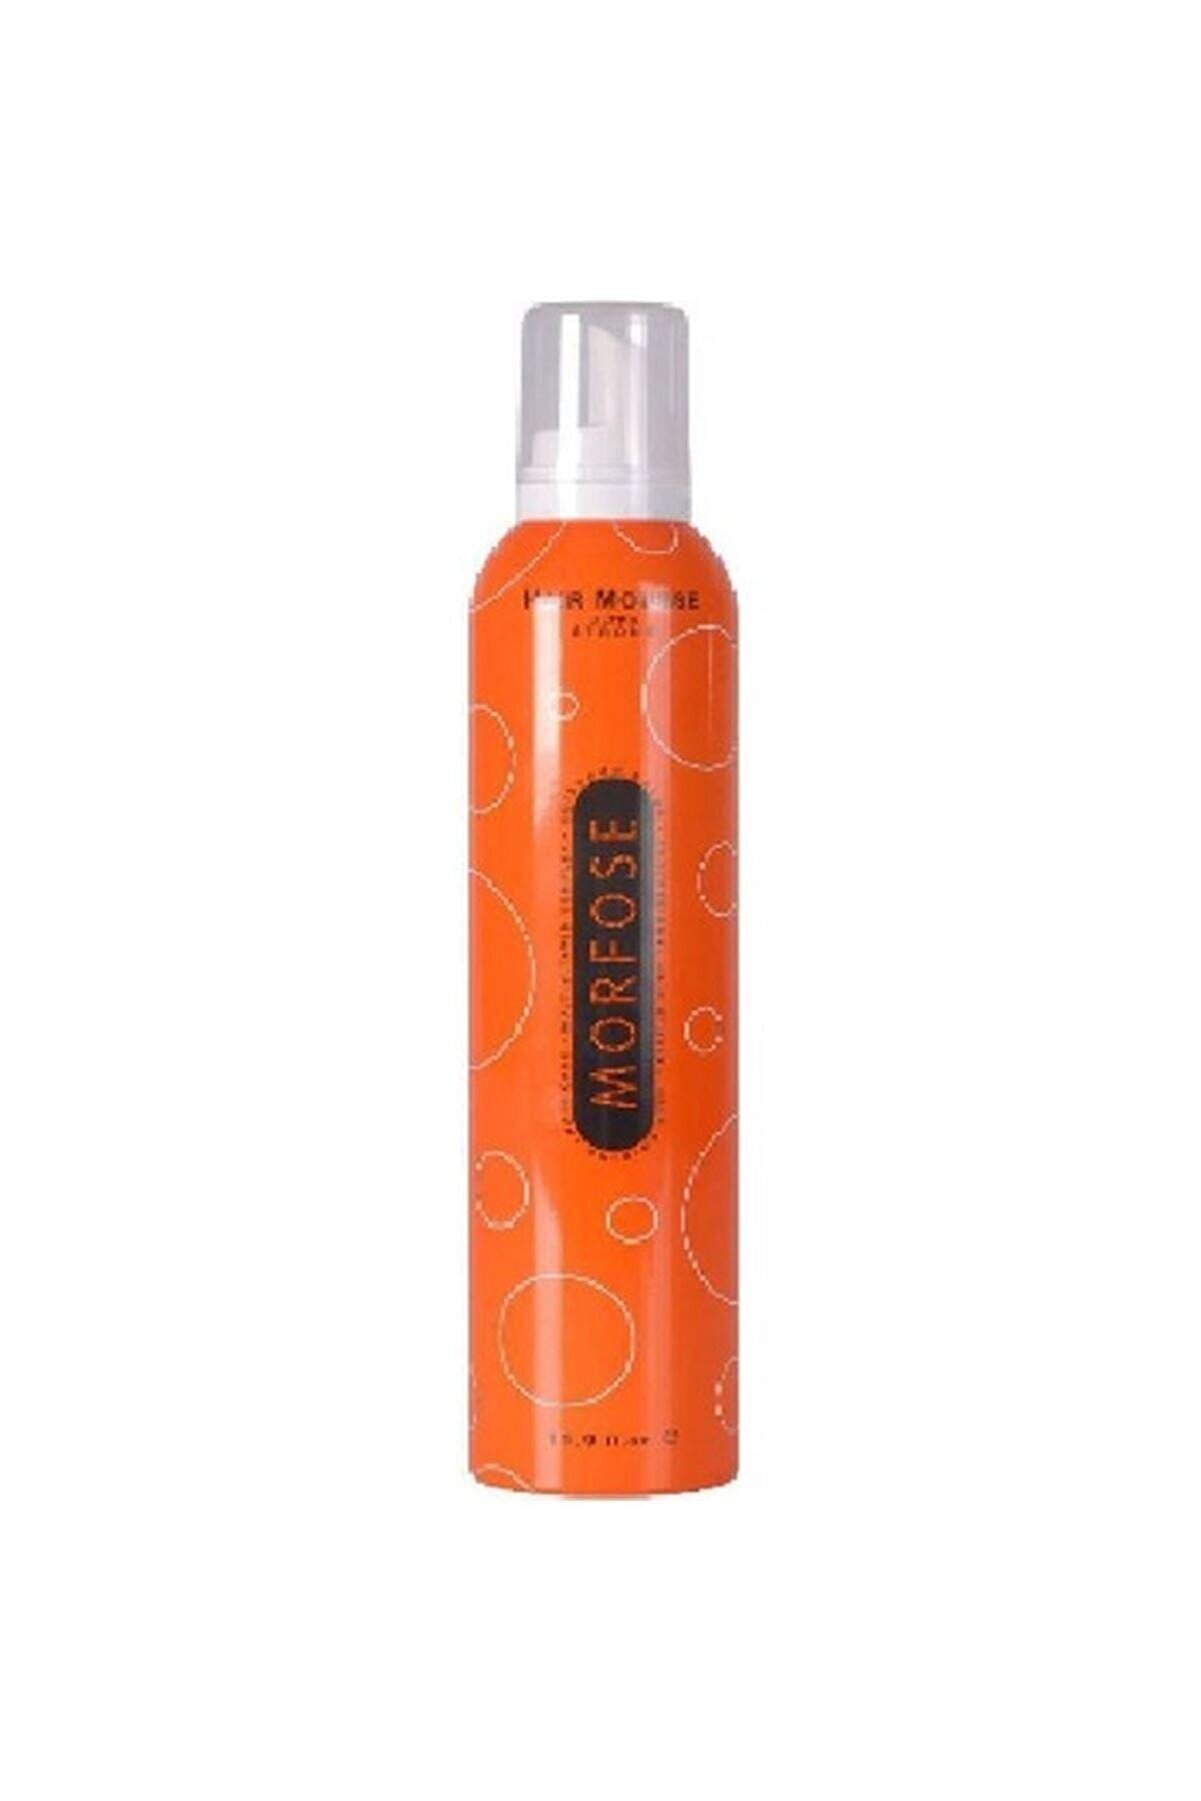 Morfose Saç Köpüğü Ultra Strong Turuncu 350 ml